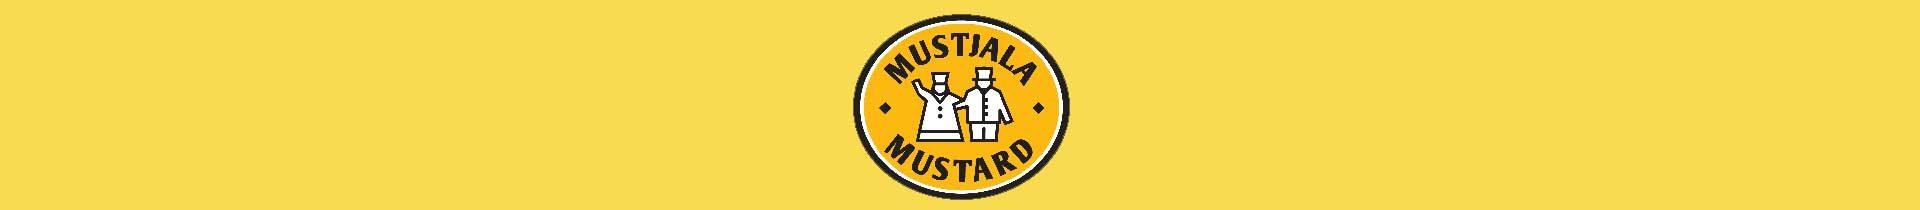 mustjala-mustard.com